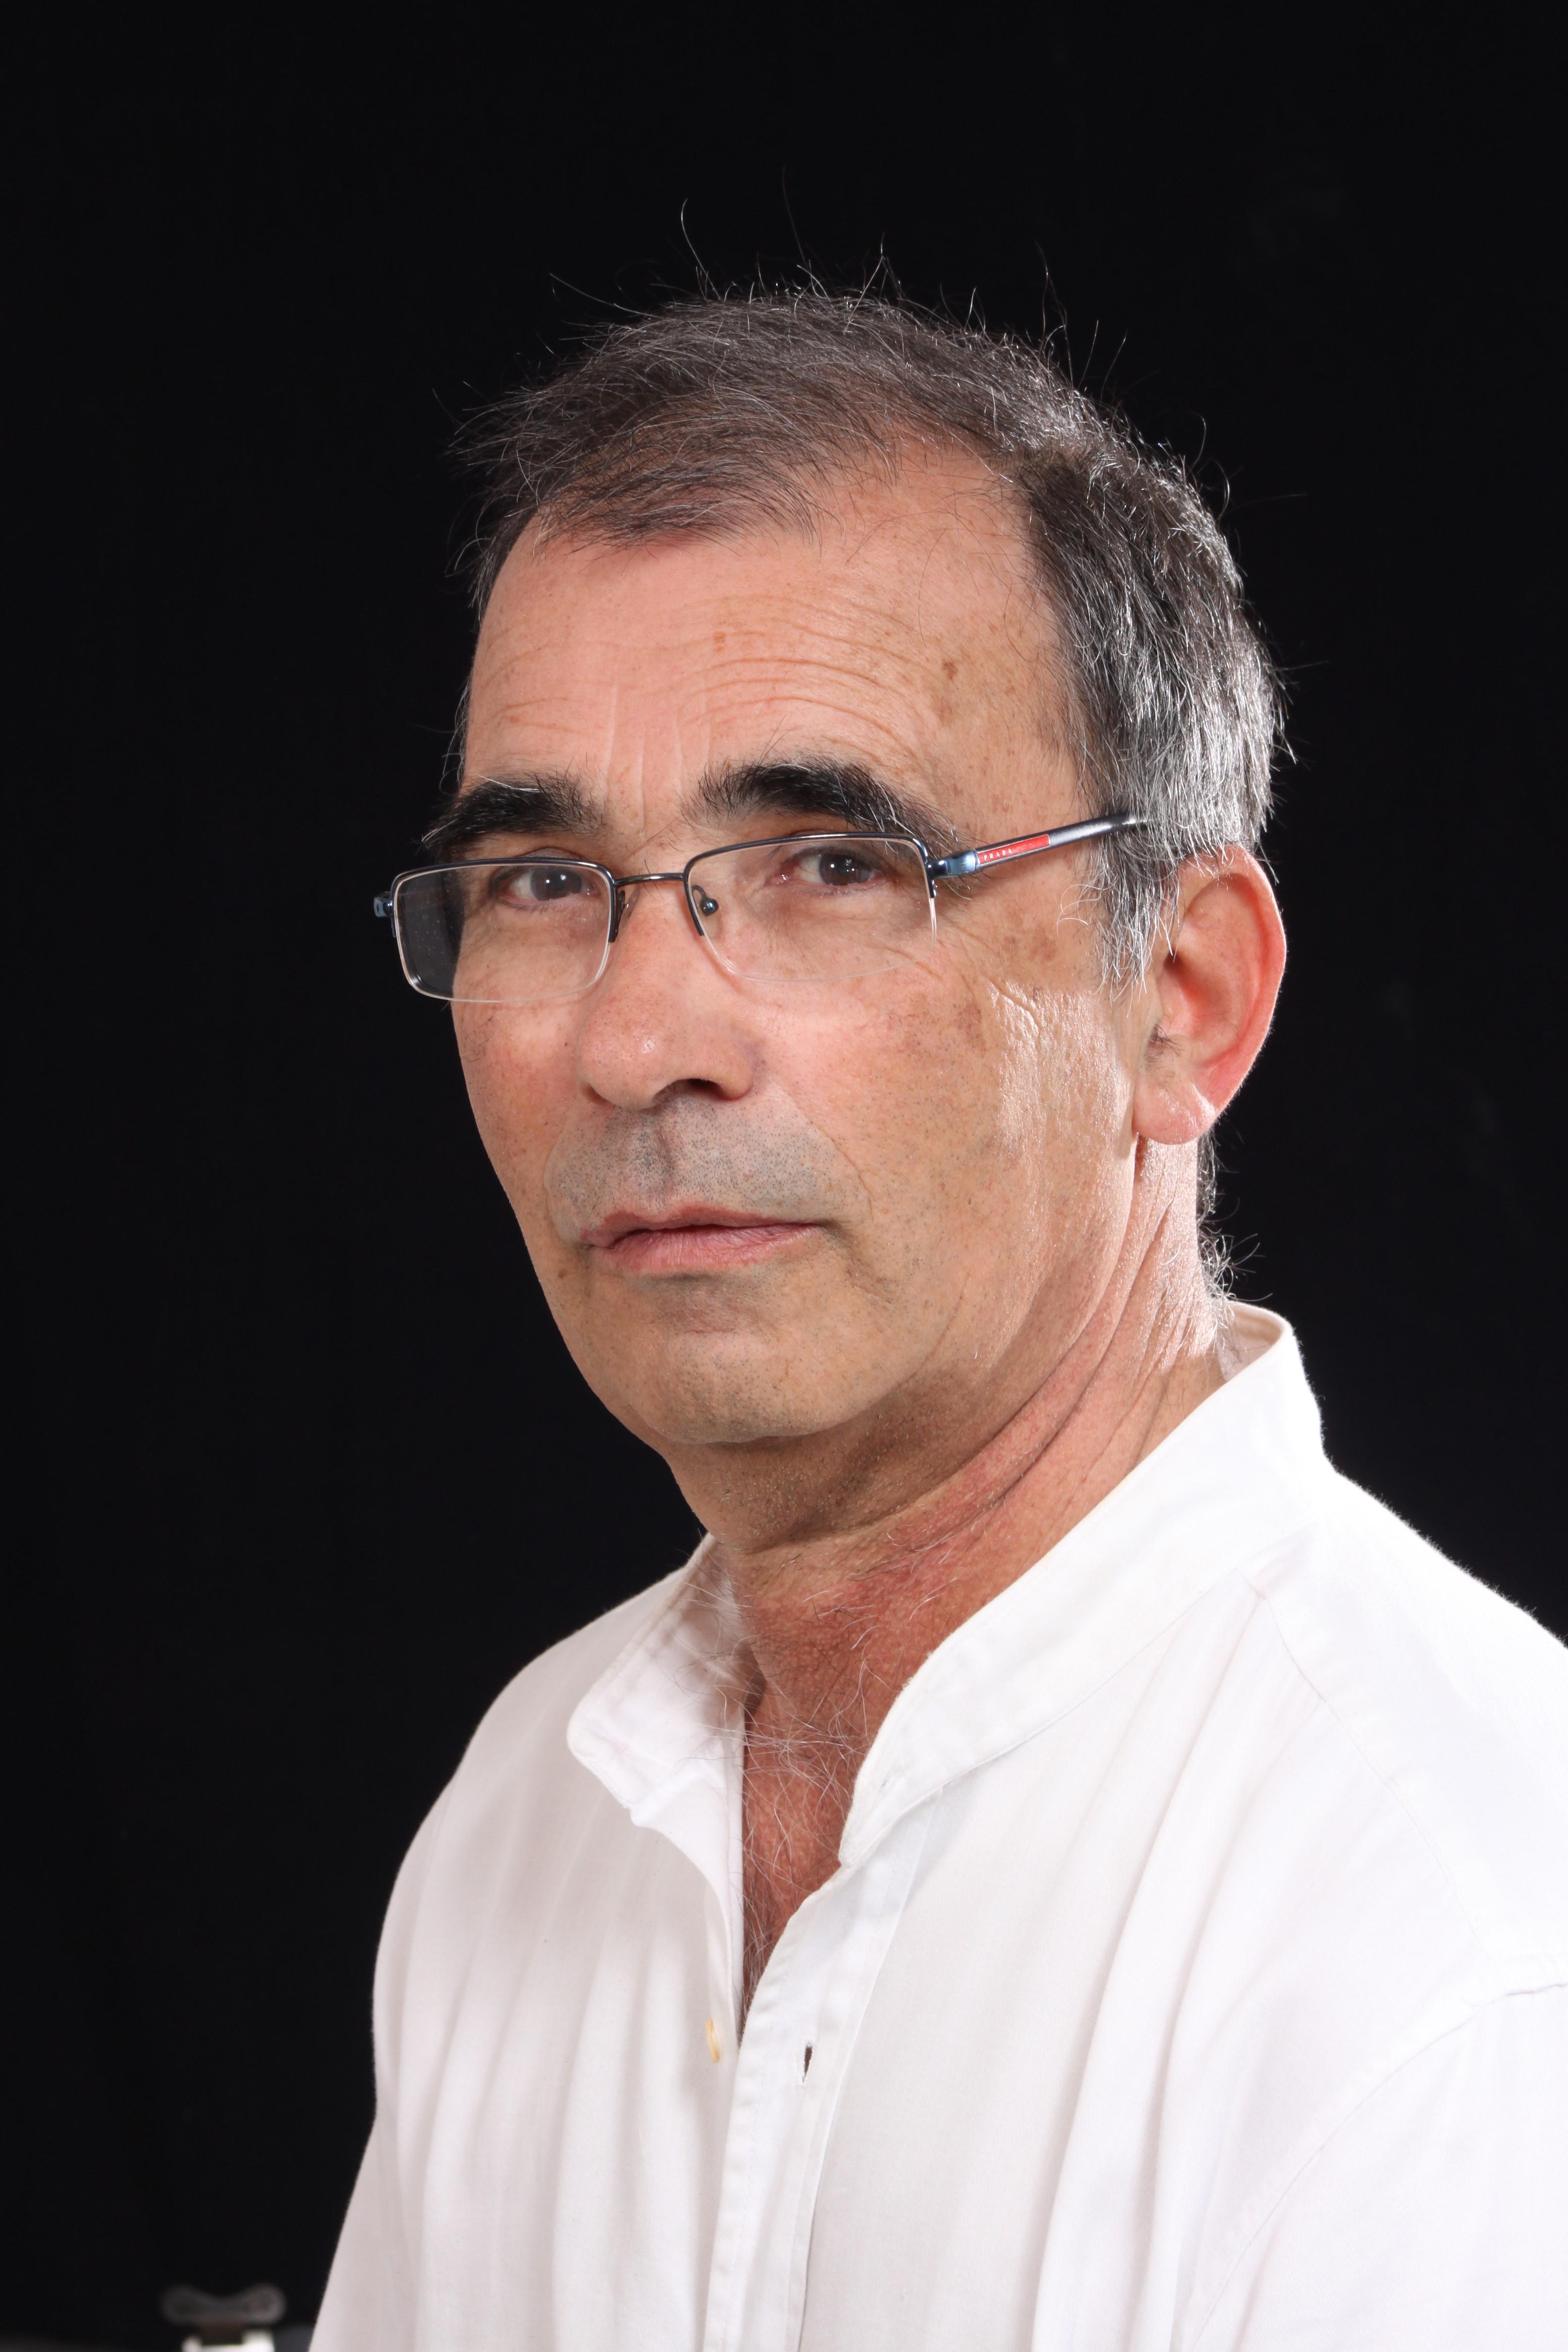 José Pais de Carvalho